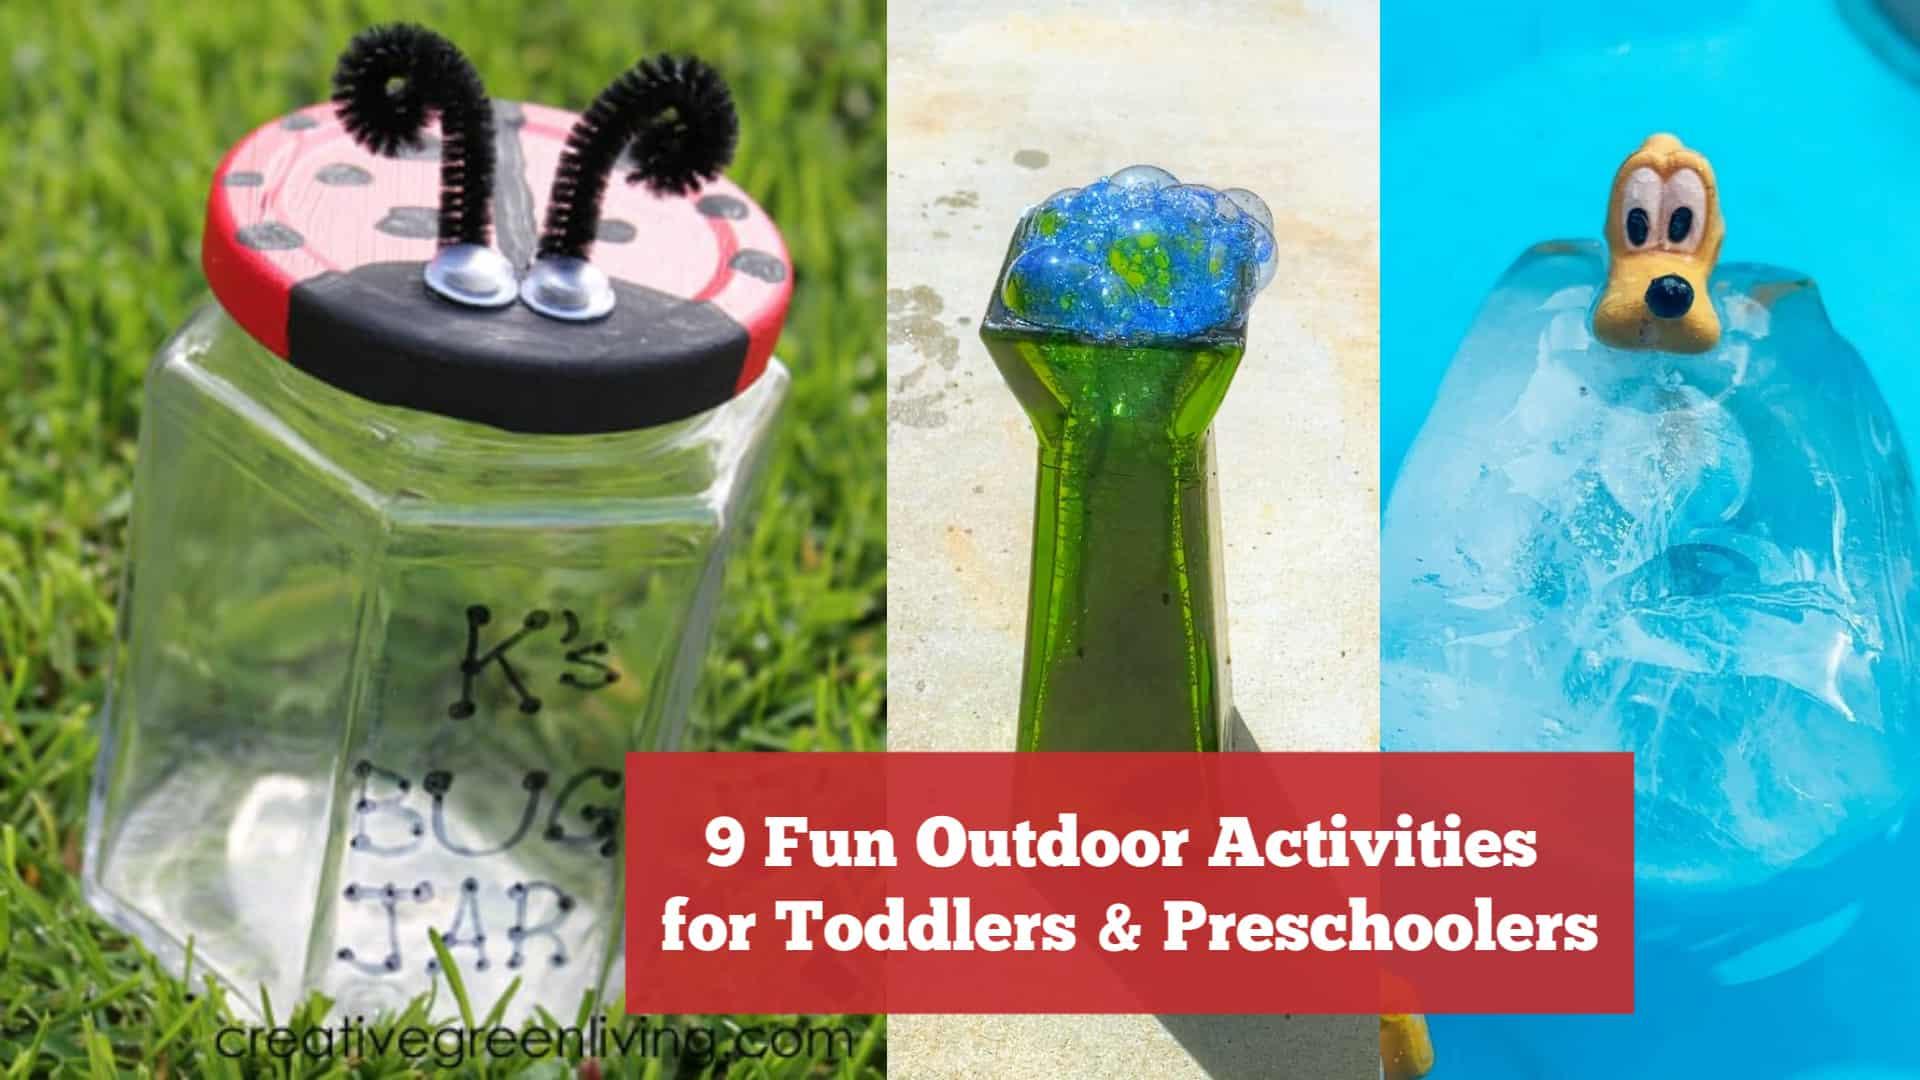 9 Fun Outdoor Activities for Toddlers and Preschoolers